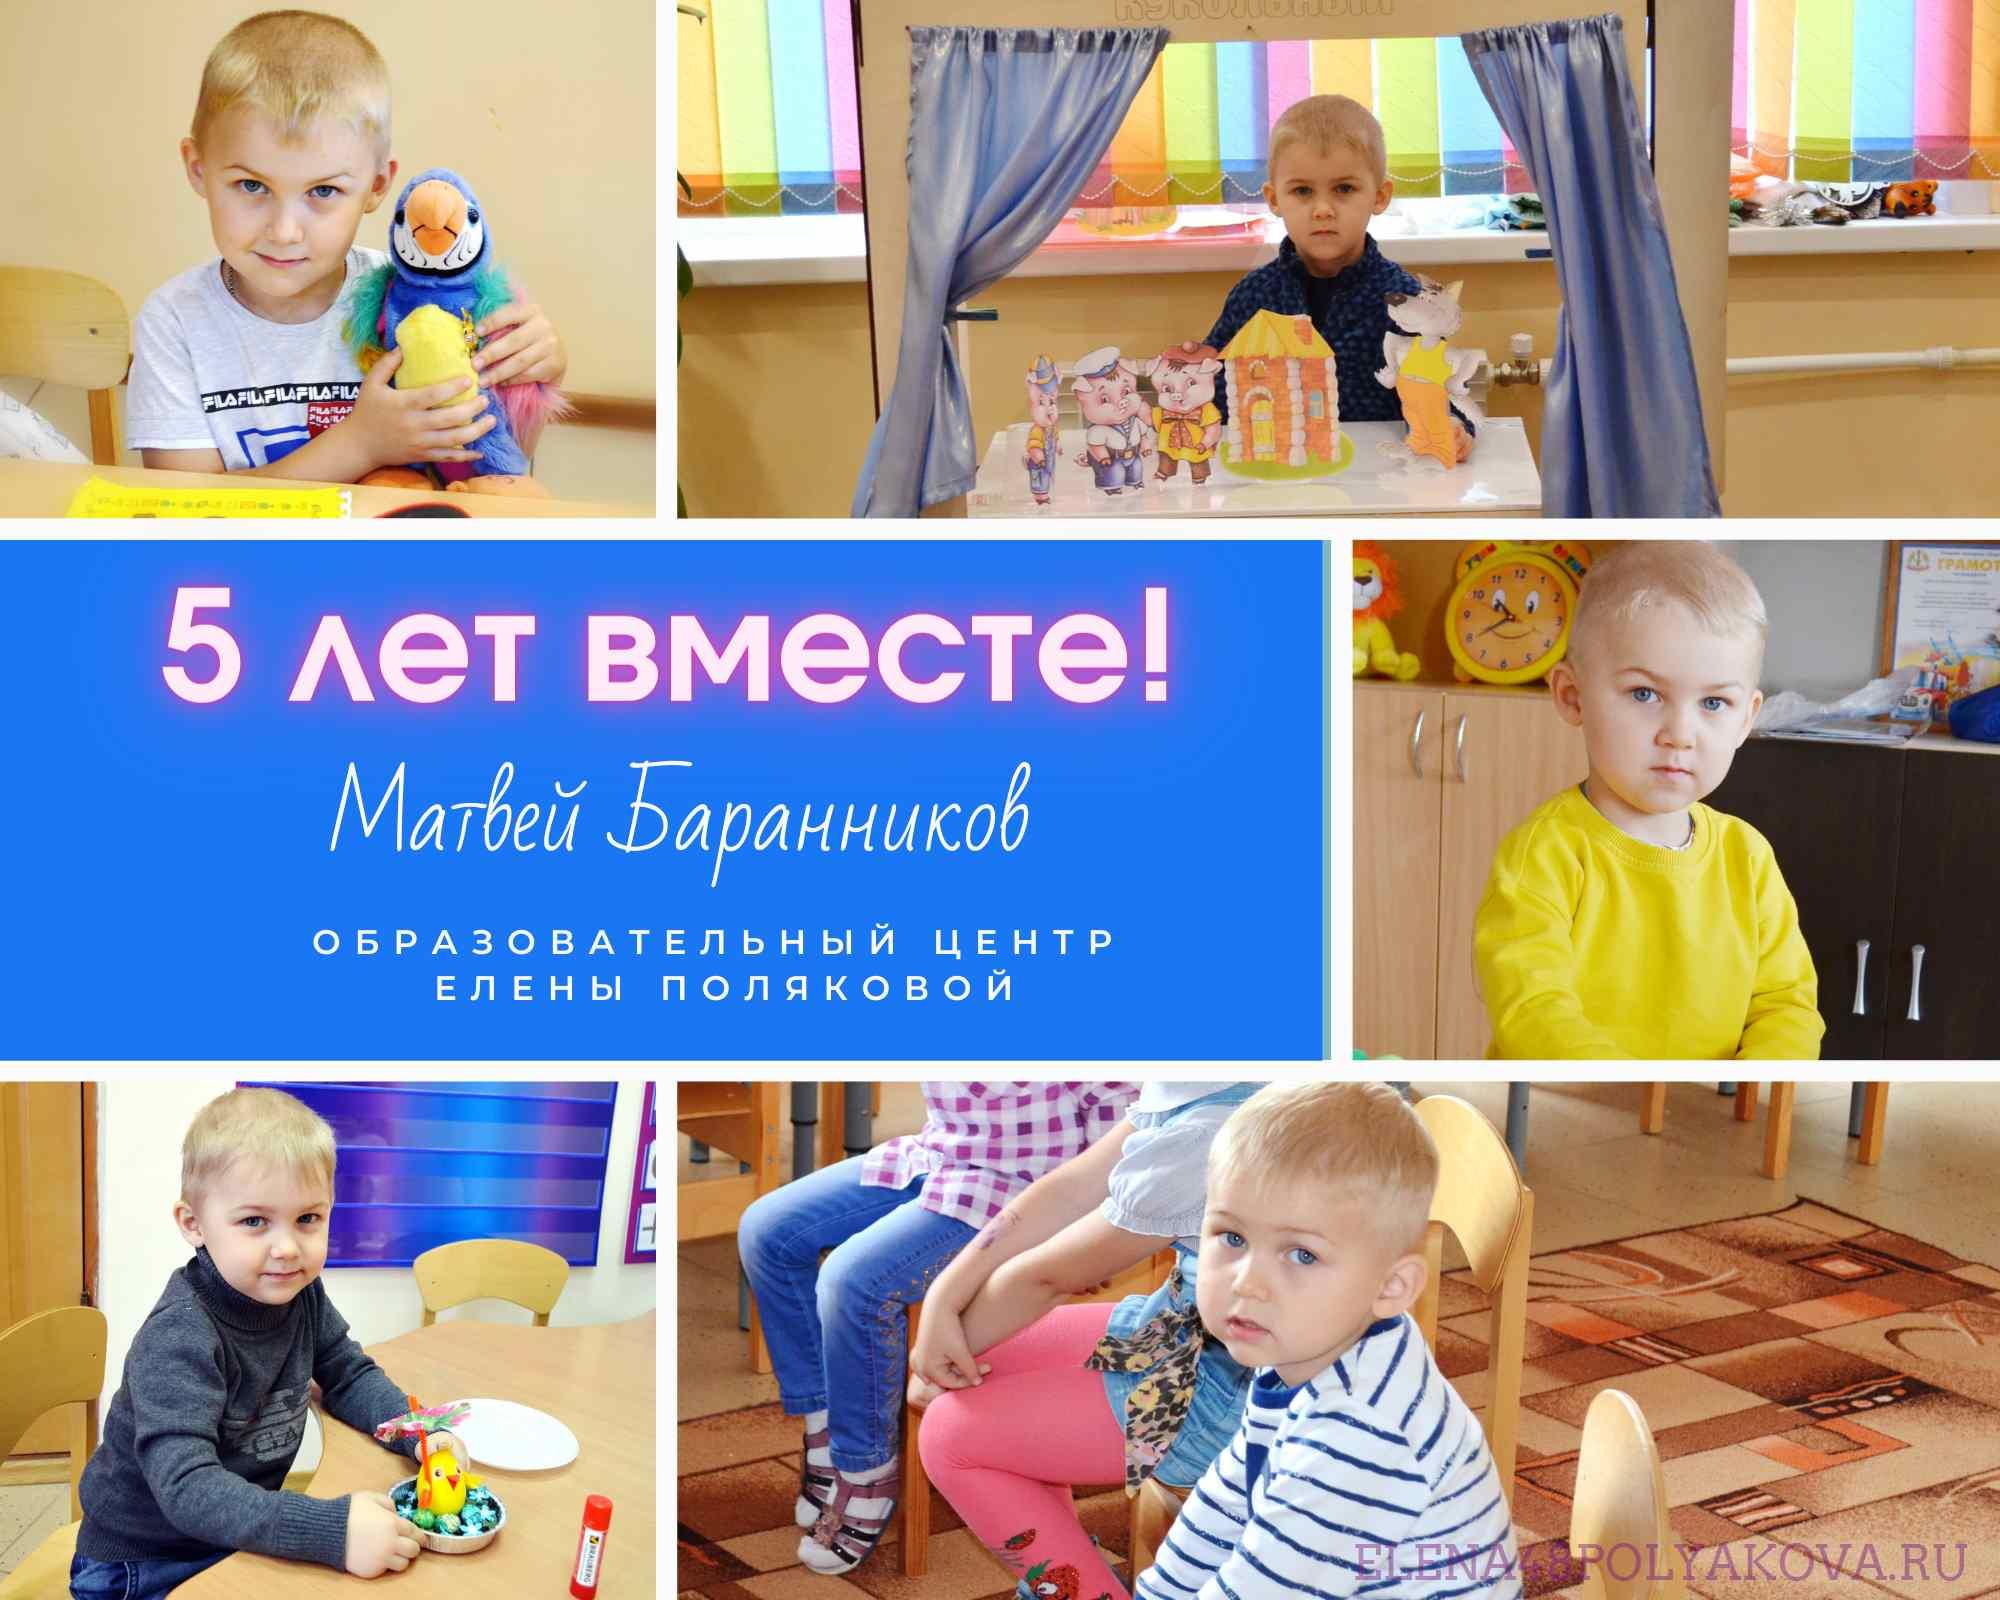 Матвей Баранников: 5 лет вместе!